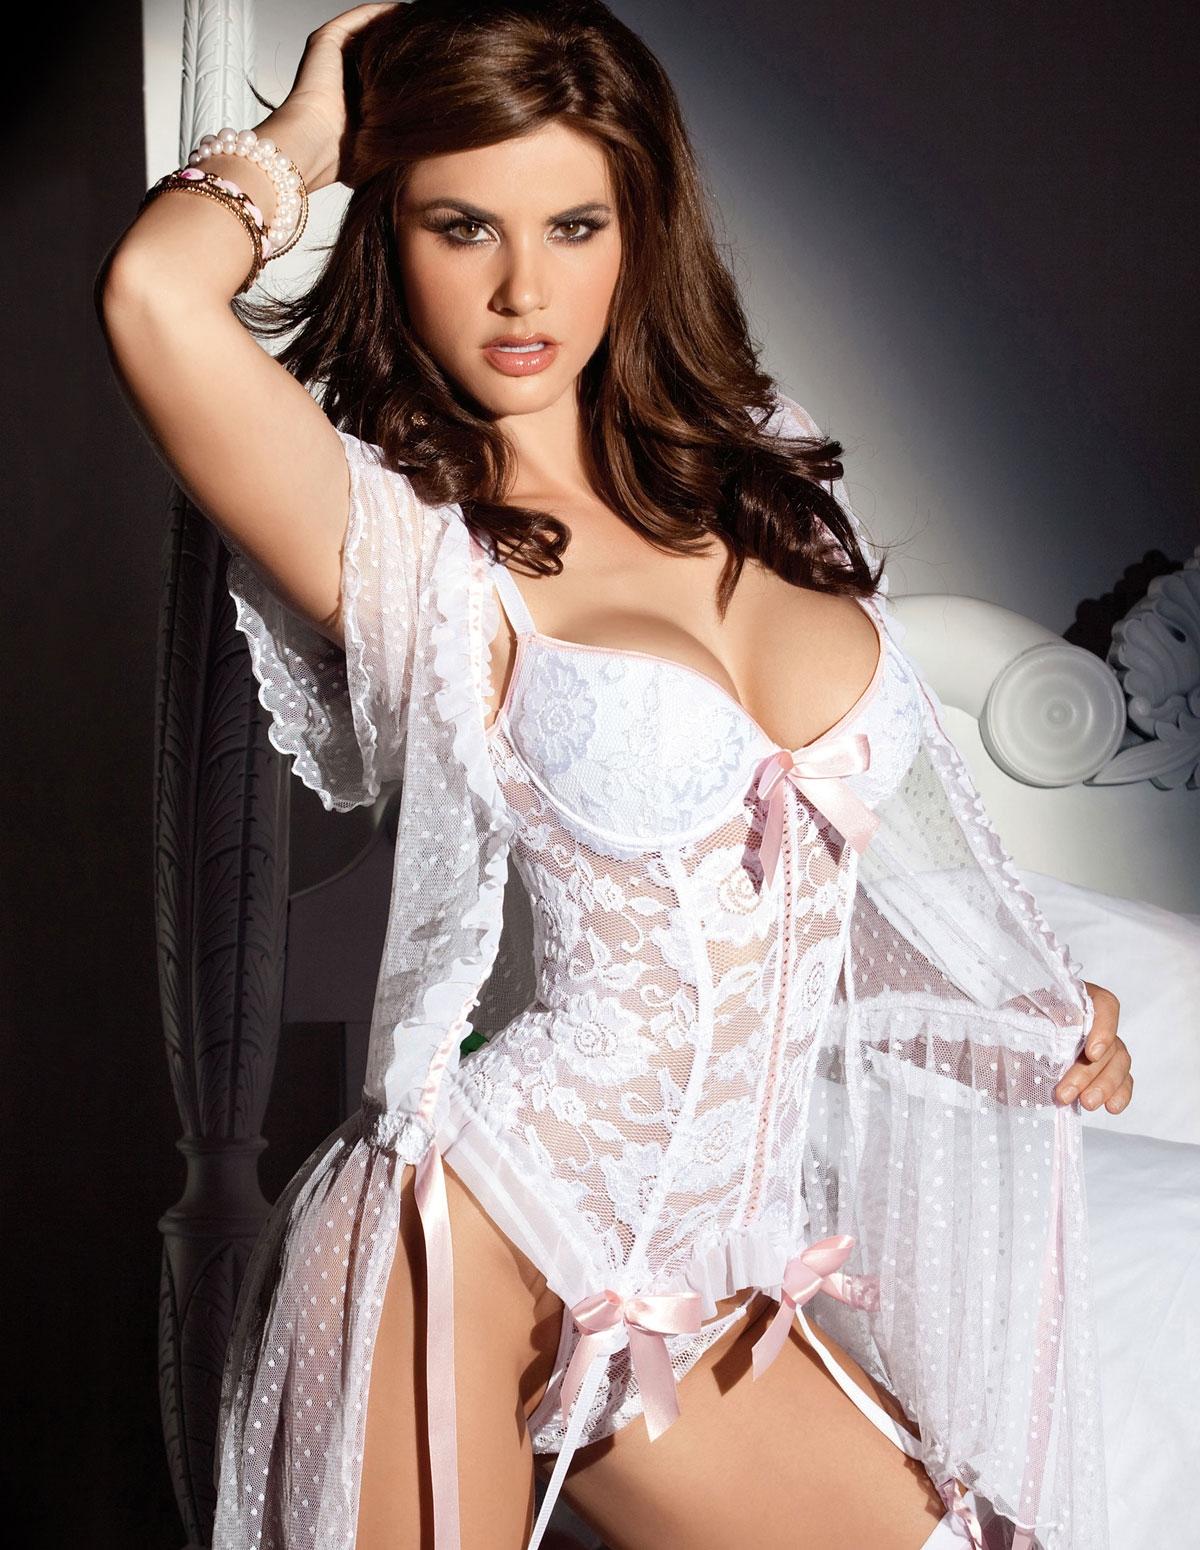 остался фото эротического нижнего белья на брачную ночь каждого